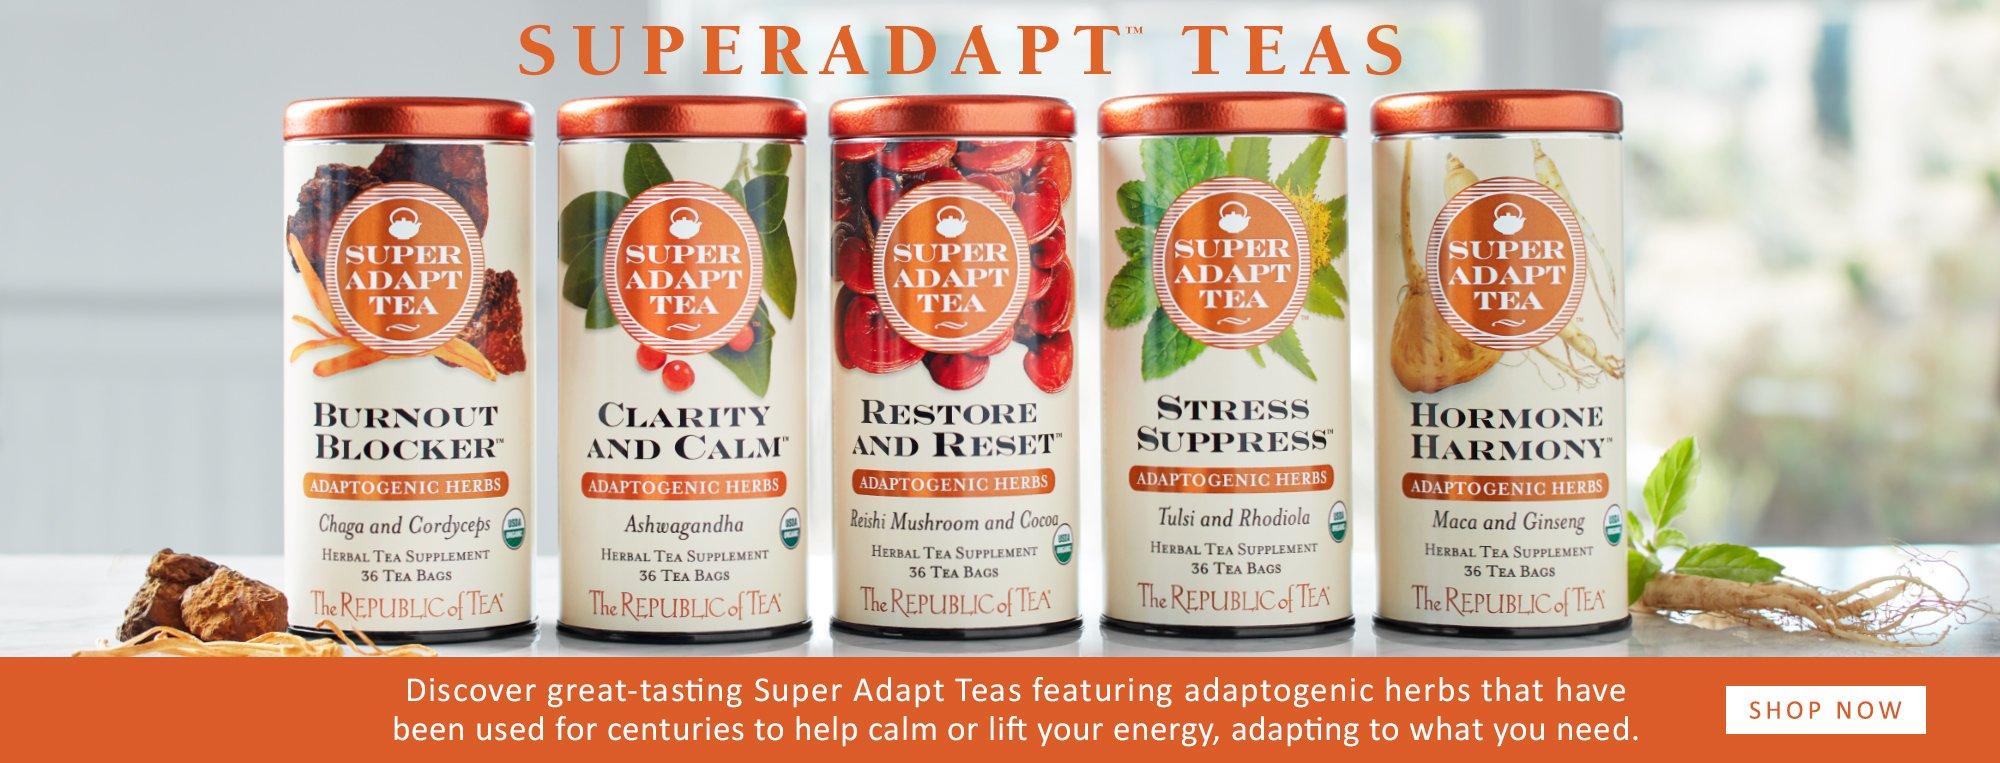 SuperAdapt™ Teas